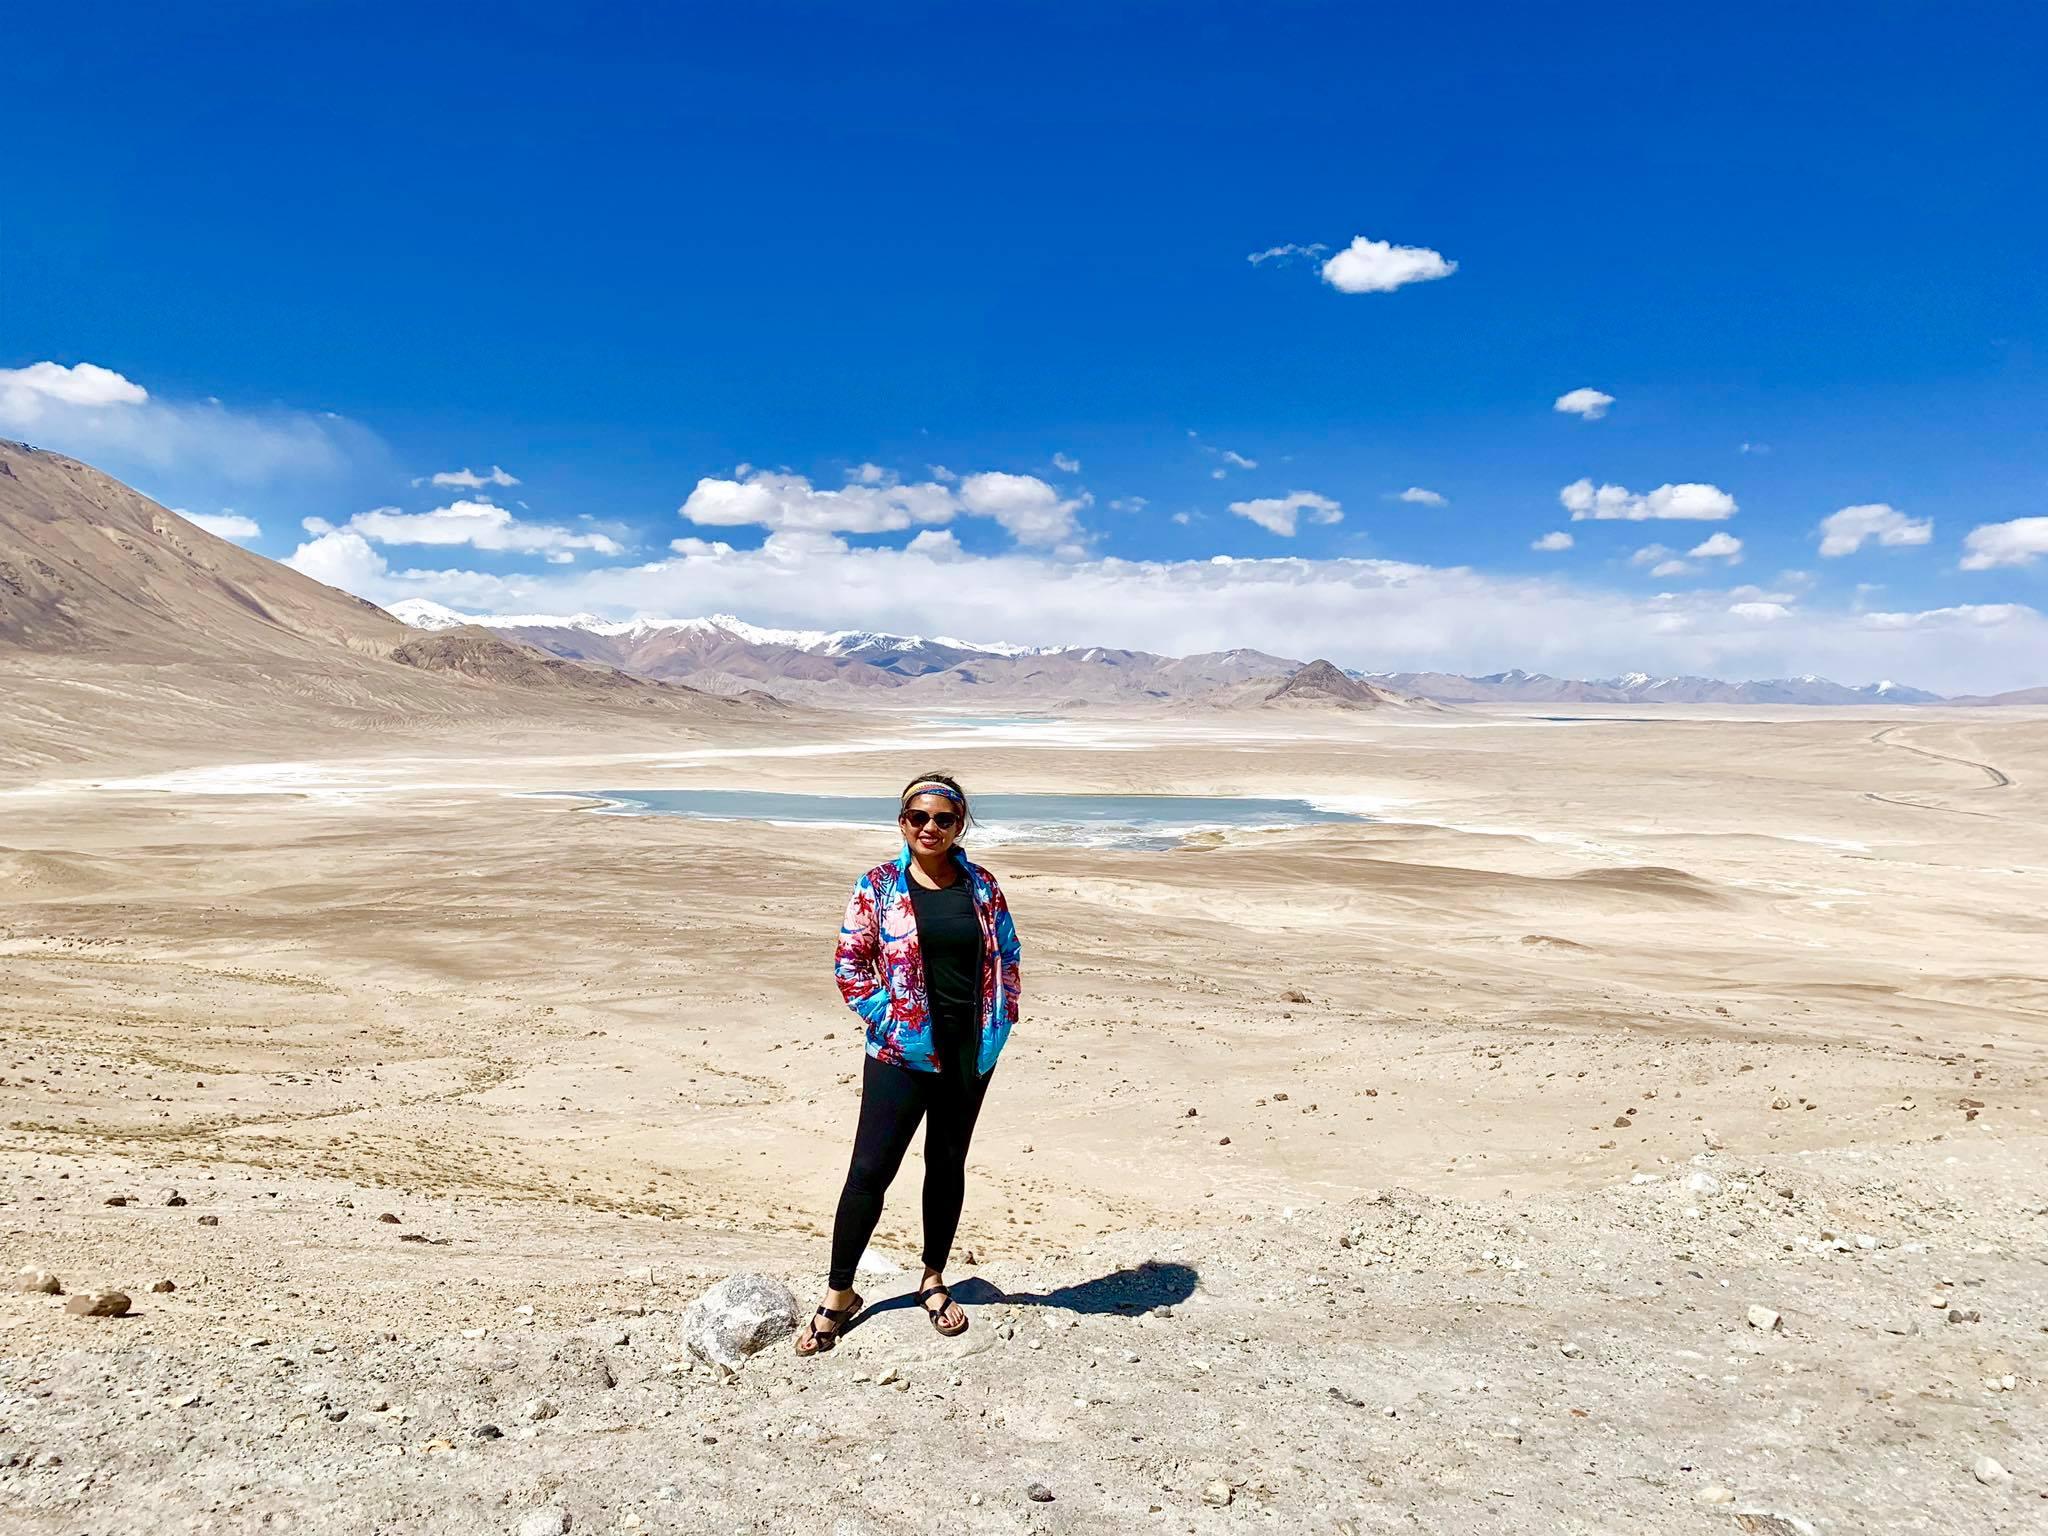 Kach Solo Travels in 2019 Homestay at Bulunkul Village3.jpg